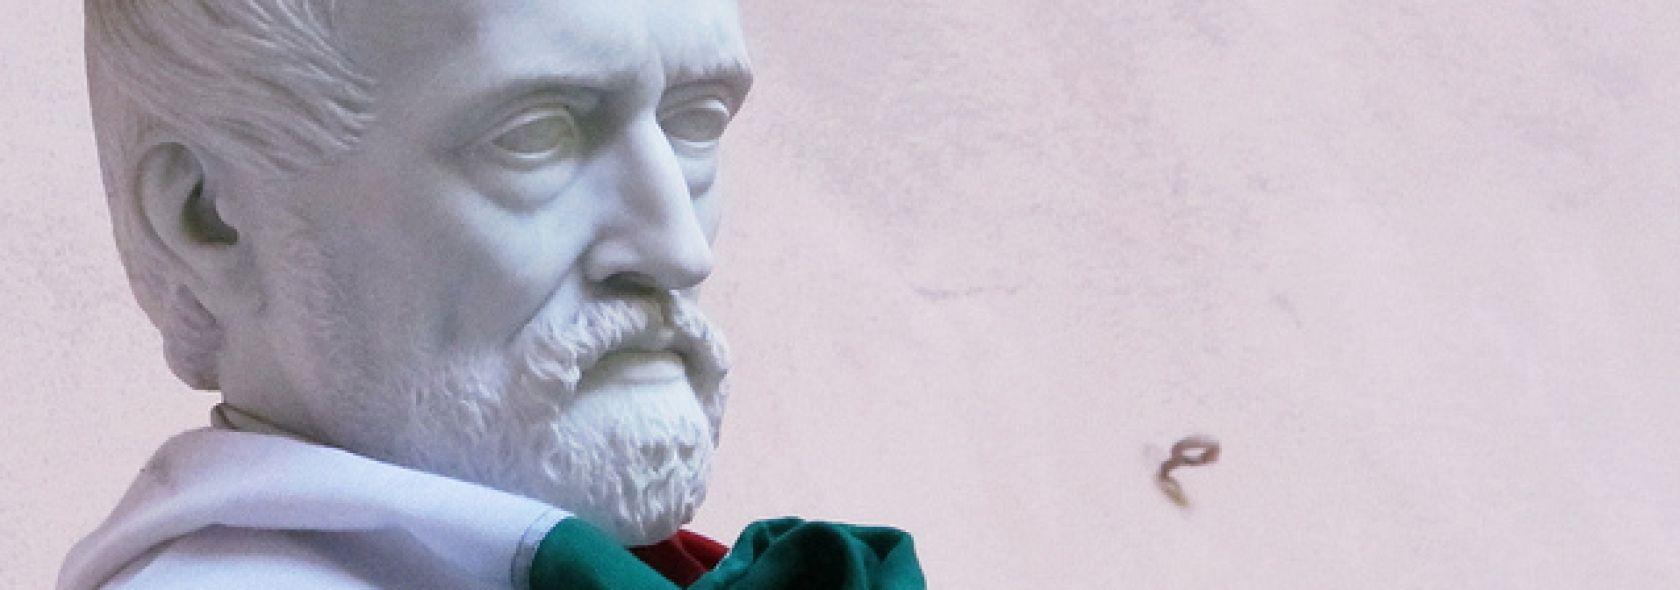 Giuseppe Mazzini - tricolore - Rinaldi©genovacittadigitale